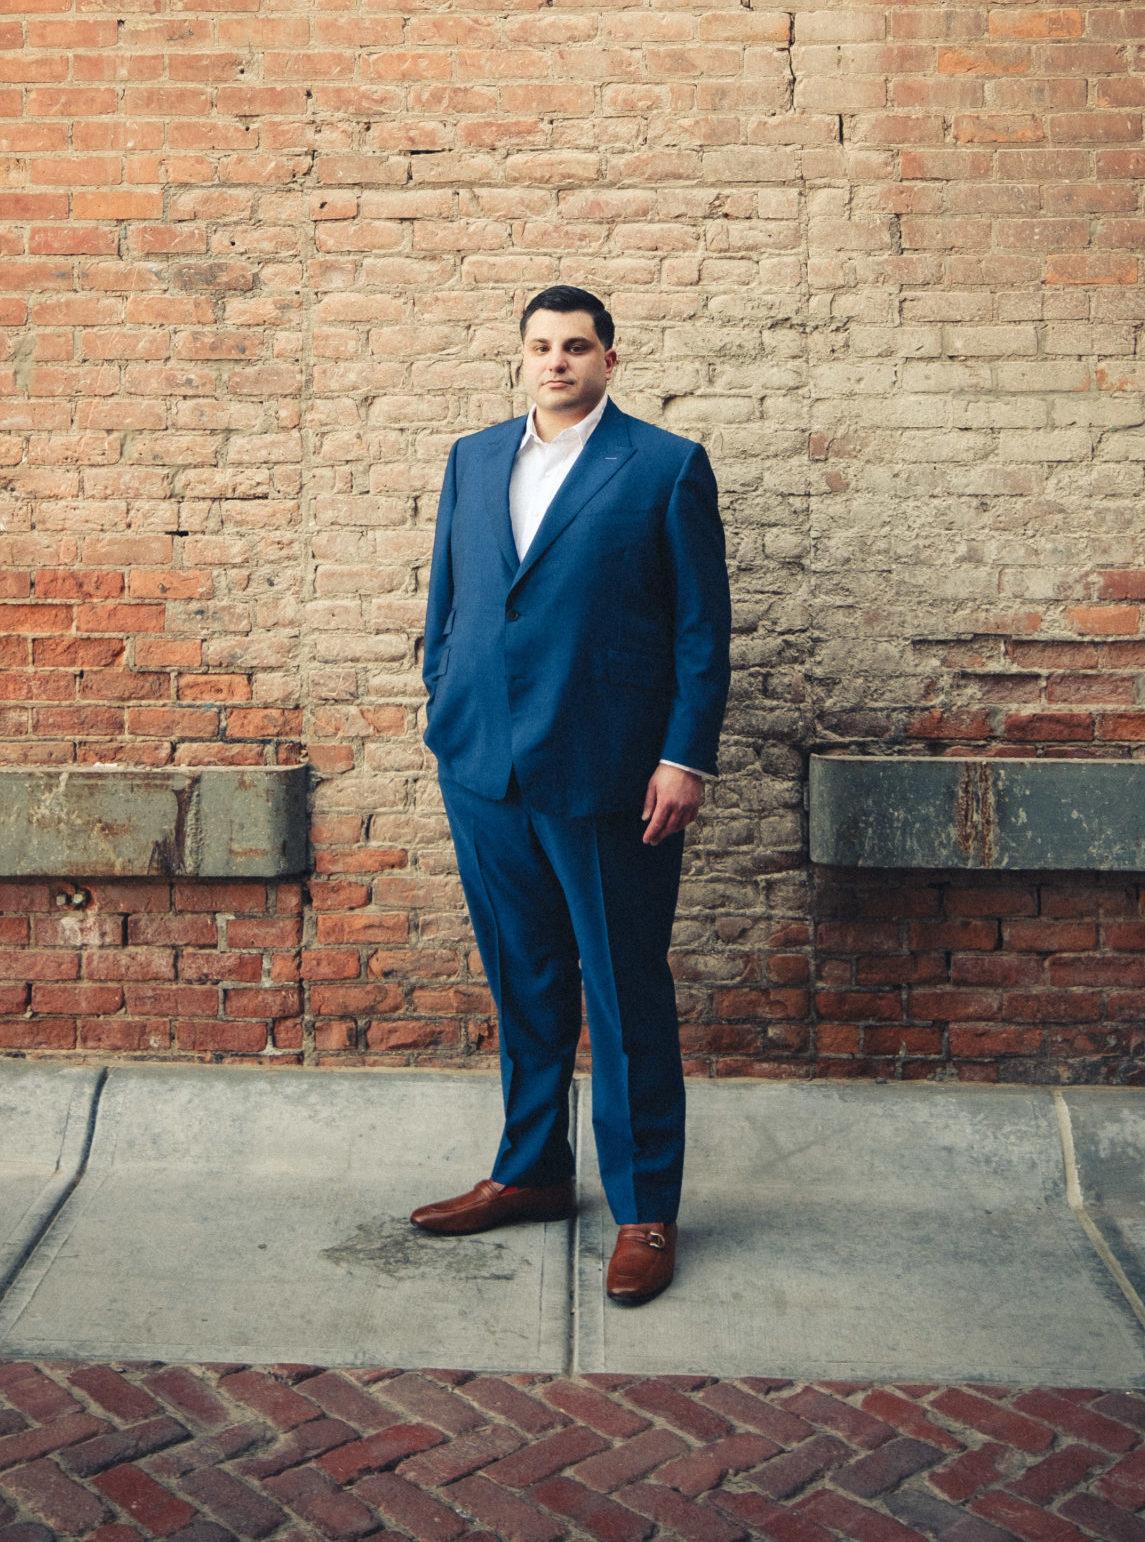 Michigan Entrepreneur Peter Vitale